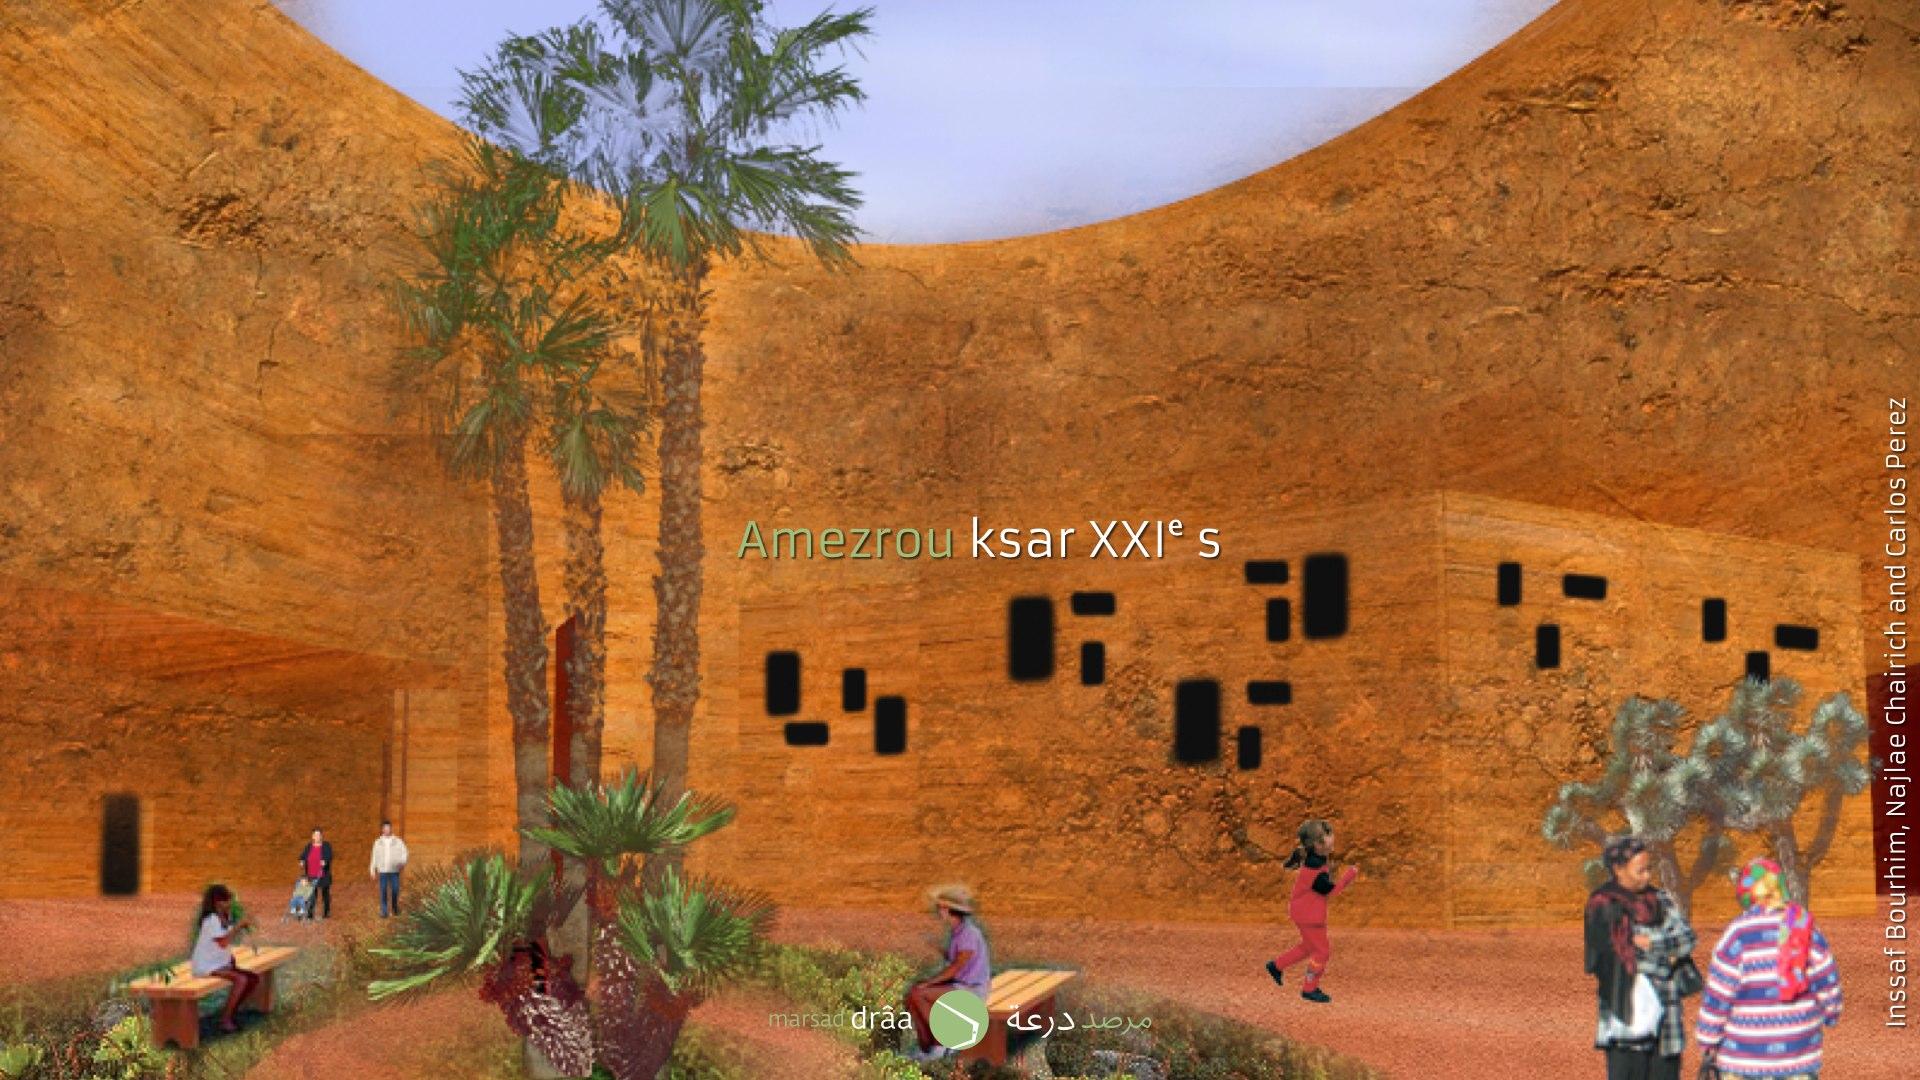 La construction des ksour du XXIe siècle demandent aussi une évolution des techniques constructives traditionnelles qui résolvent les problèmes et pathologies des ce type de construction.